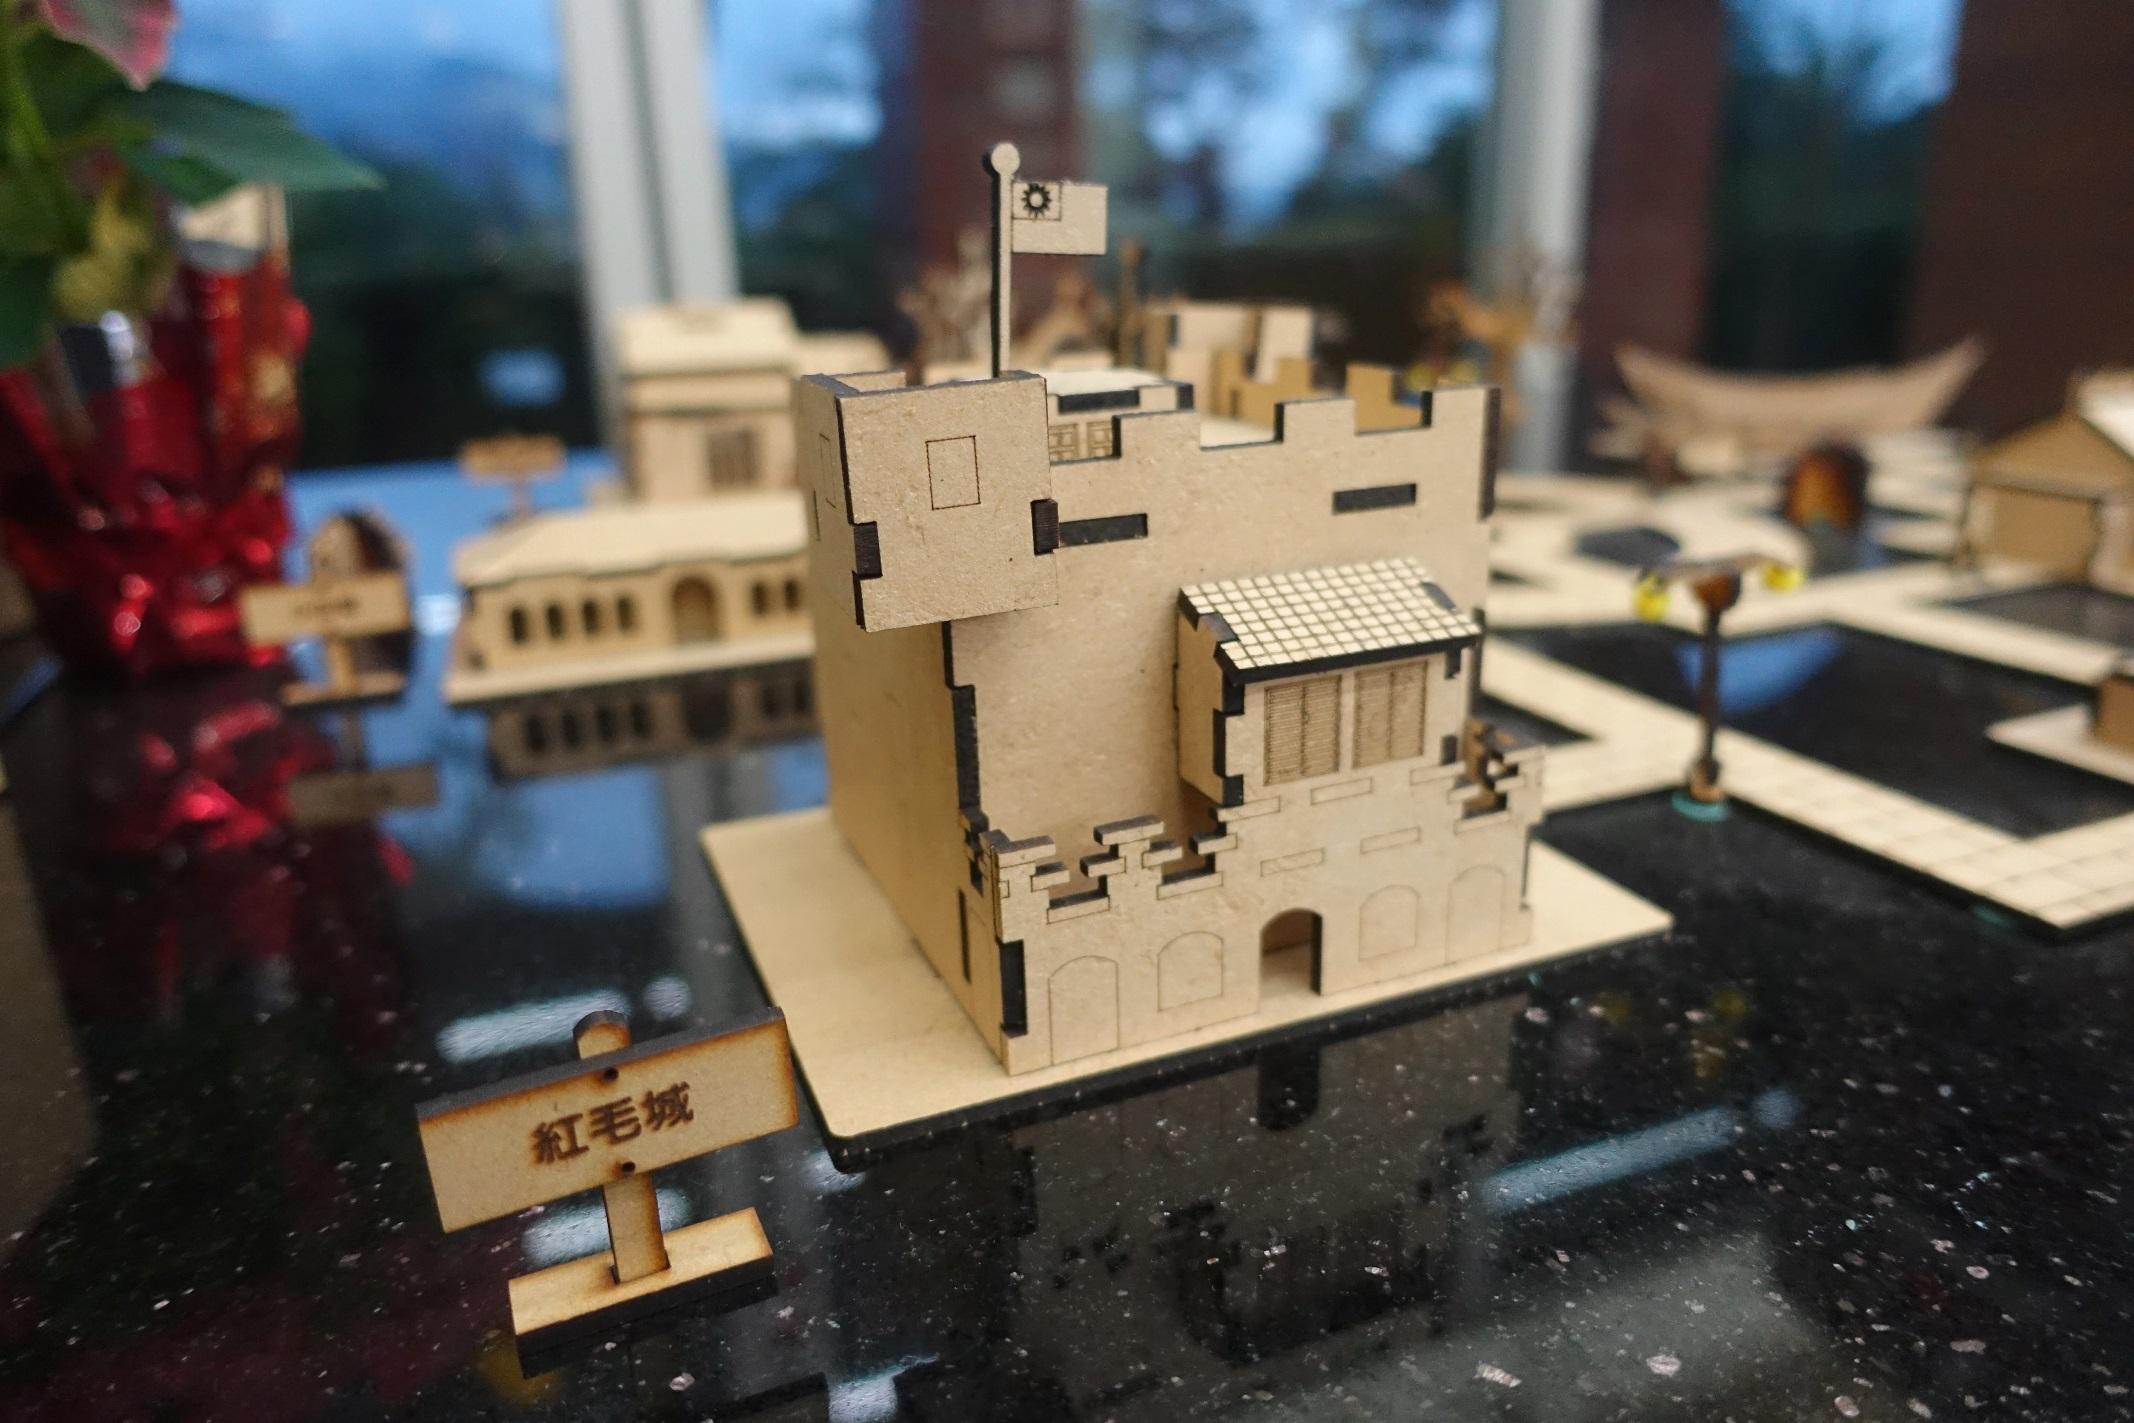 歡迎民眾到新北市立淡水古蹟博物館紀念品商店,品味「拼了!滬尾」3D立體拼圖的精緻設計。